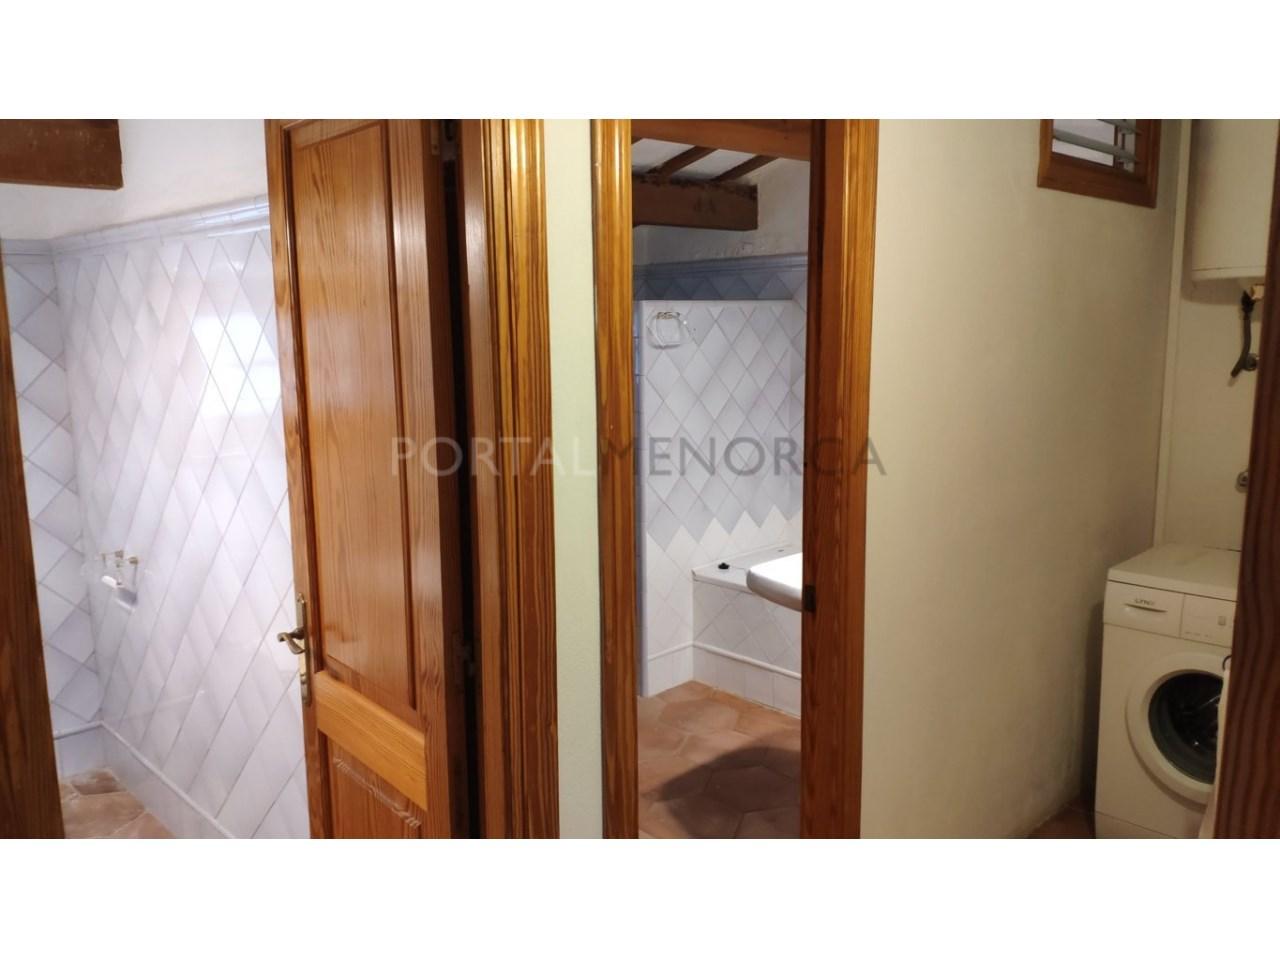 casa reformada en venta en Ciutadella de Menorca baño+lavadero 3